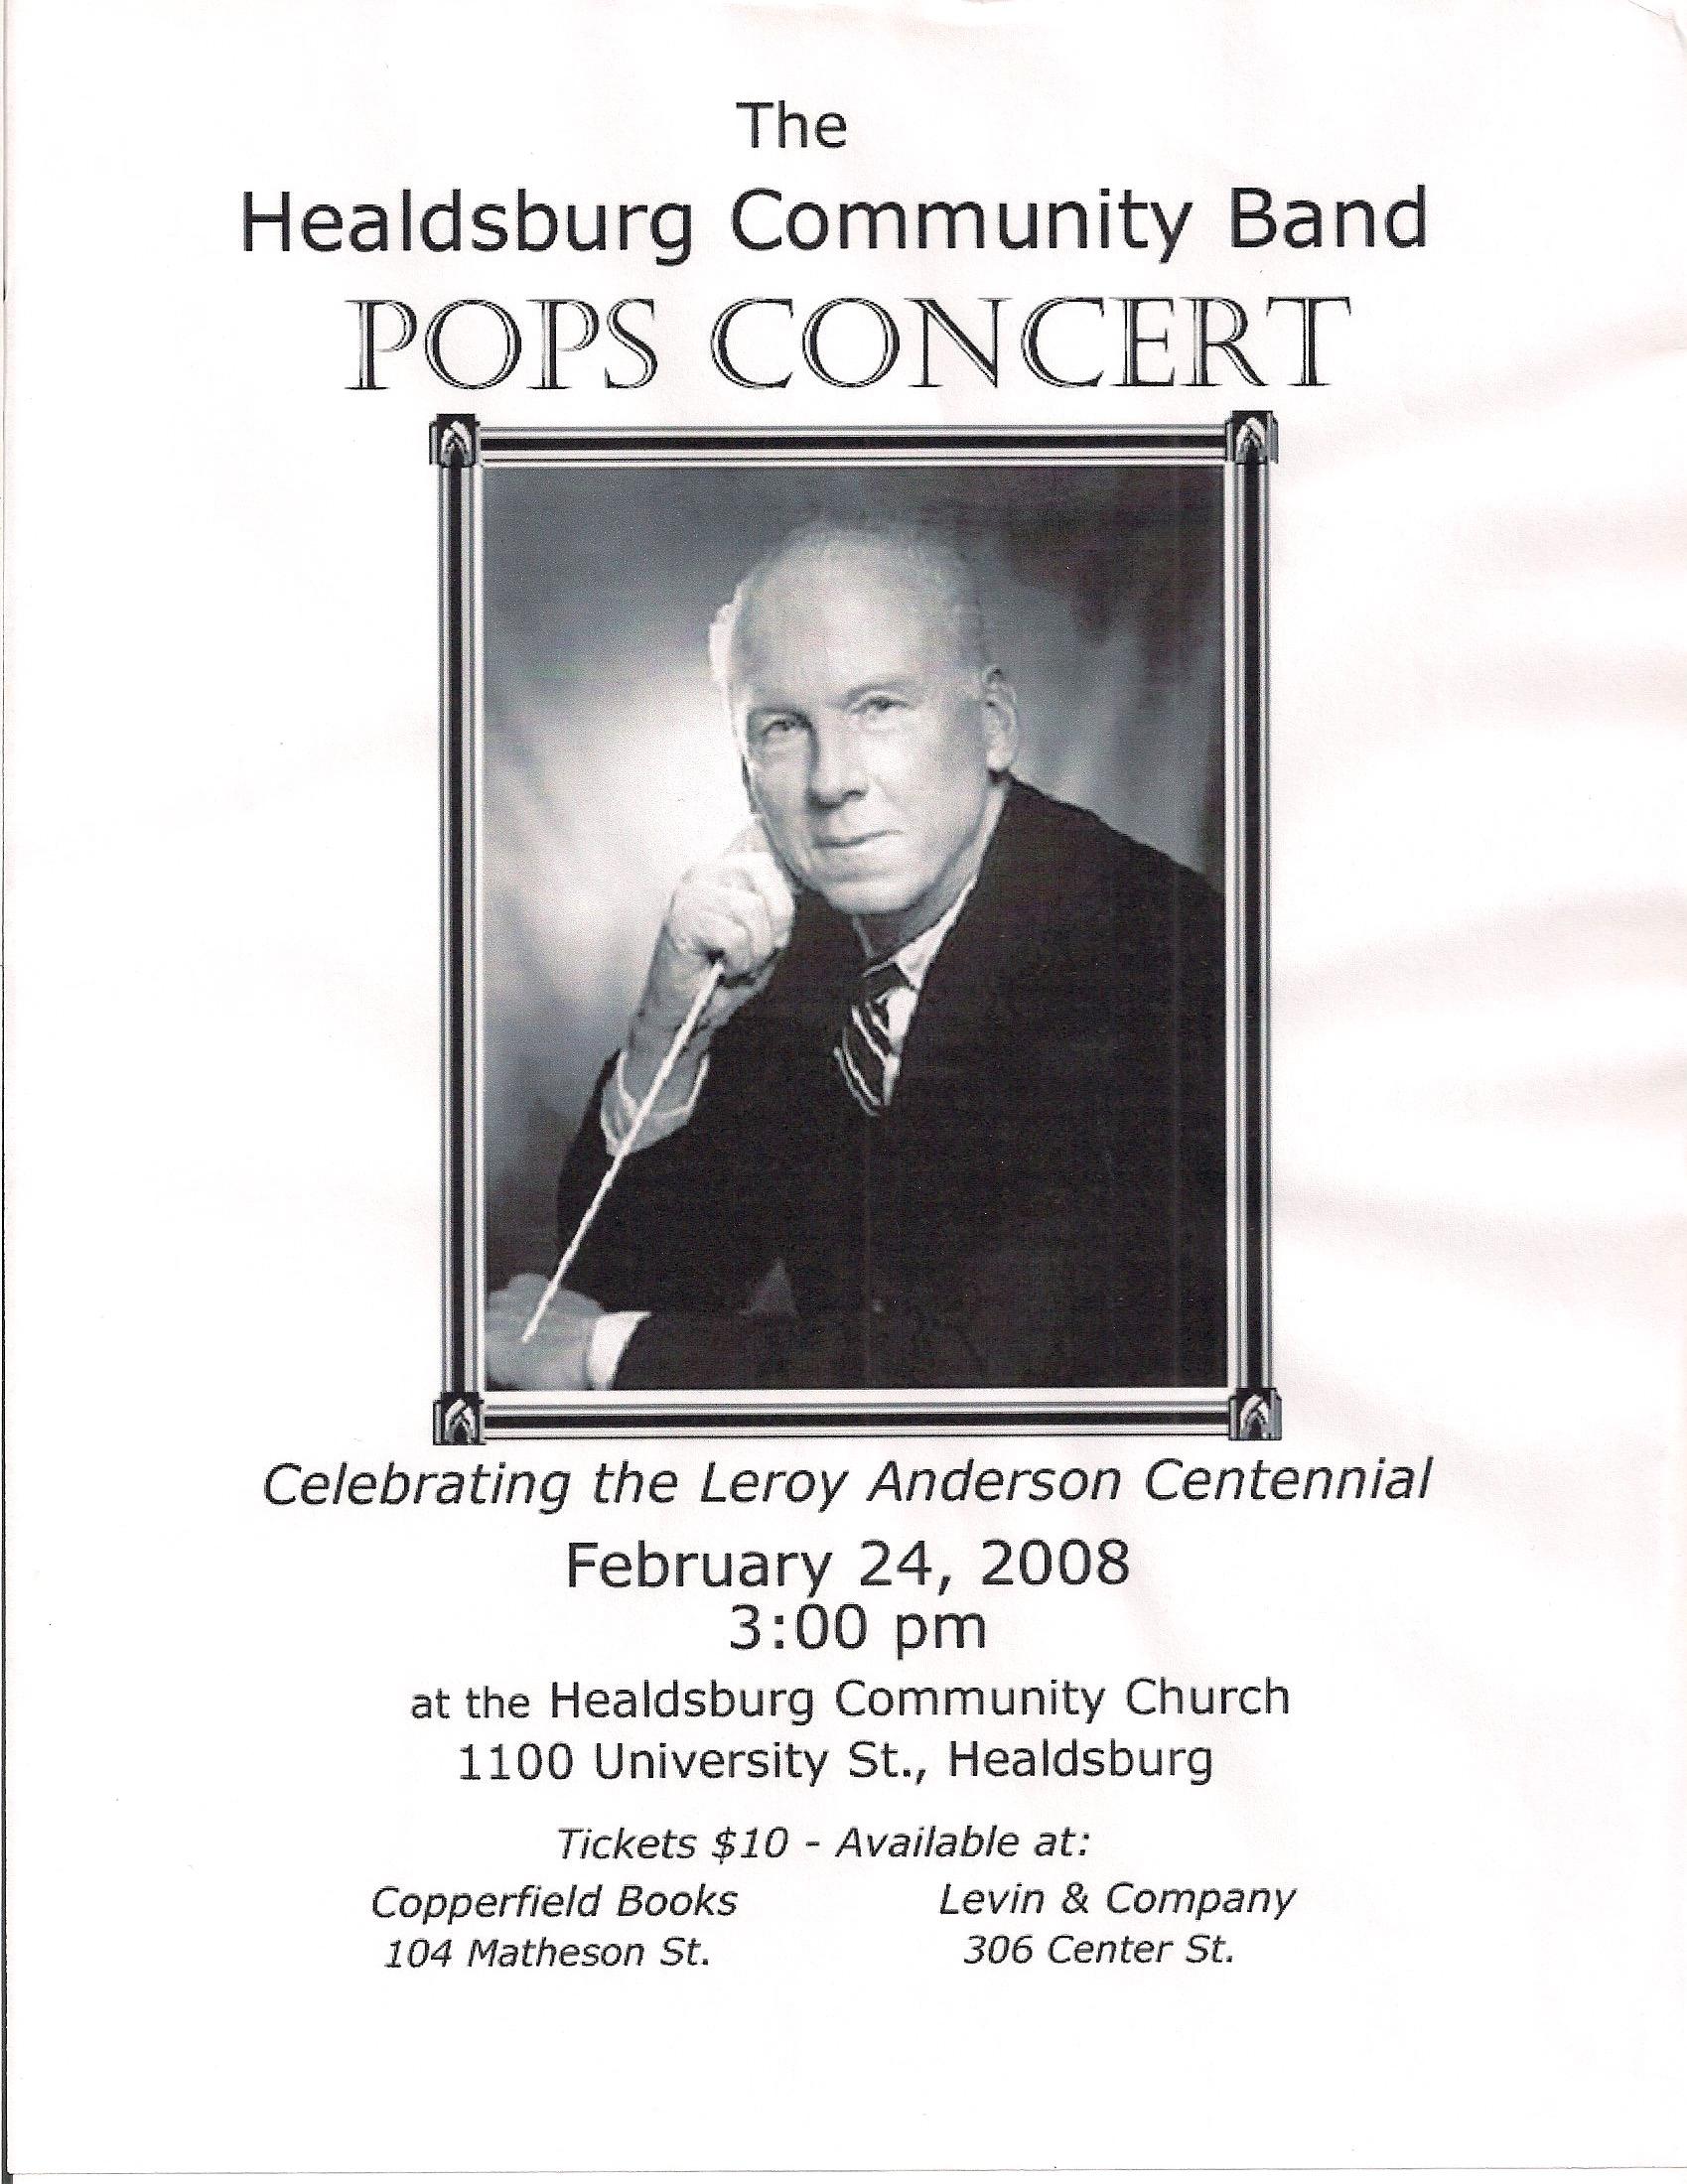 2008 pops poster.jpeg